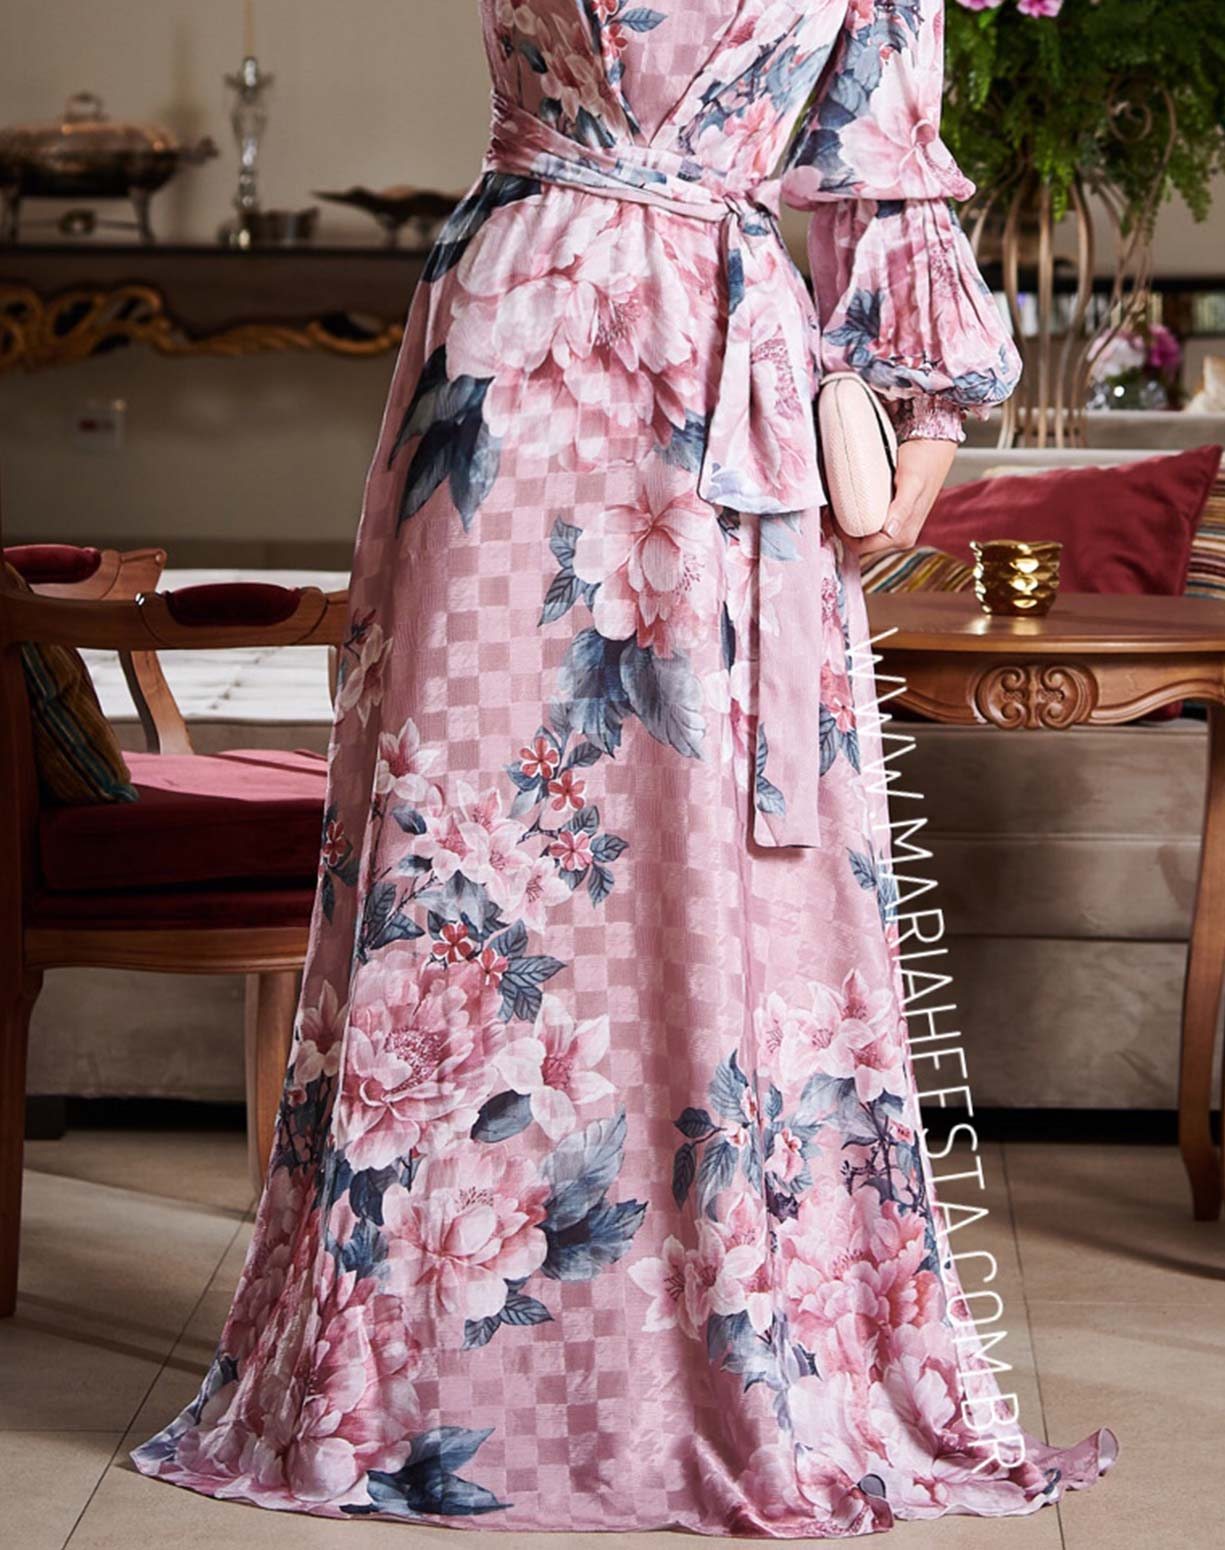 Vestido Mix de Estampas Rosê com Manga Longa